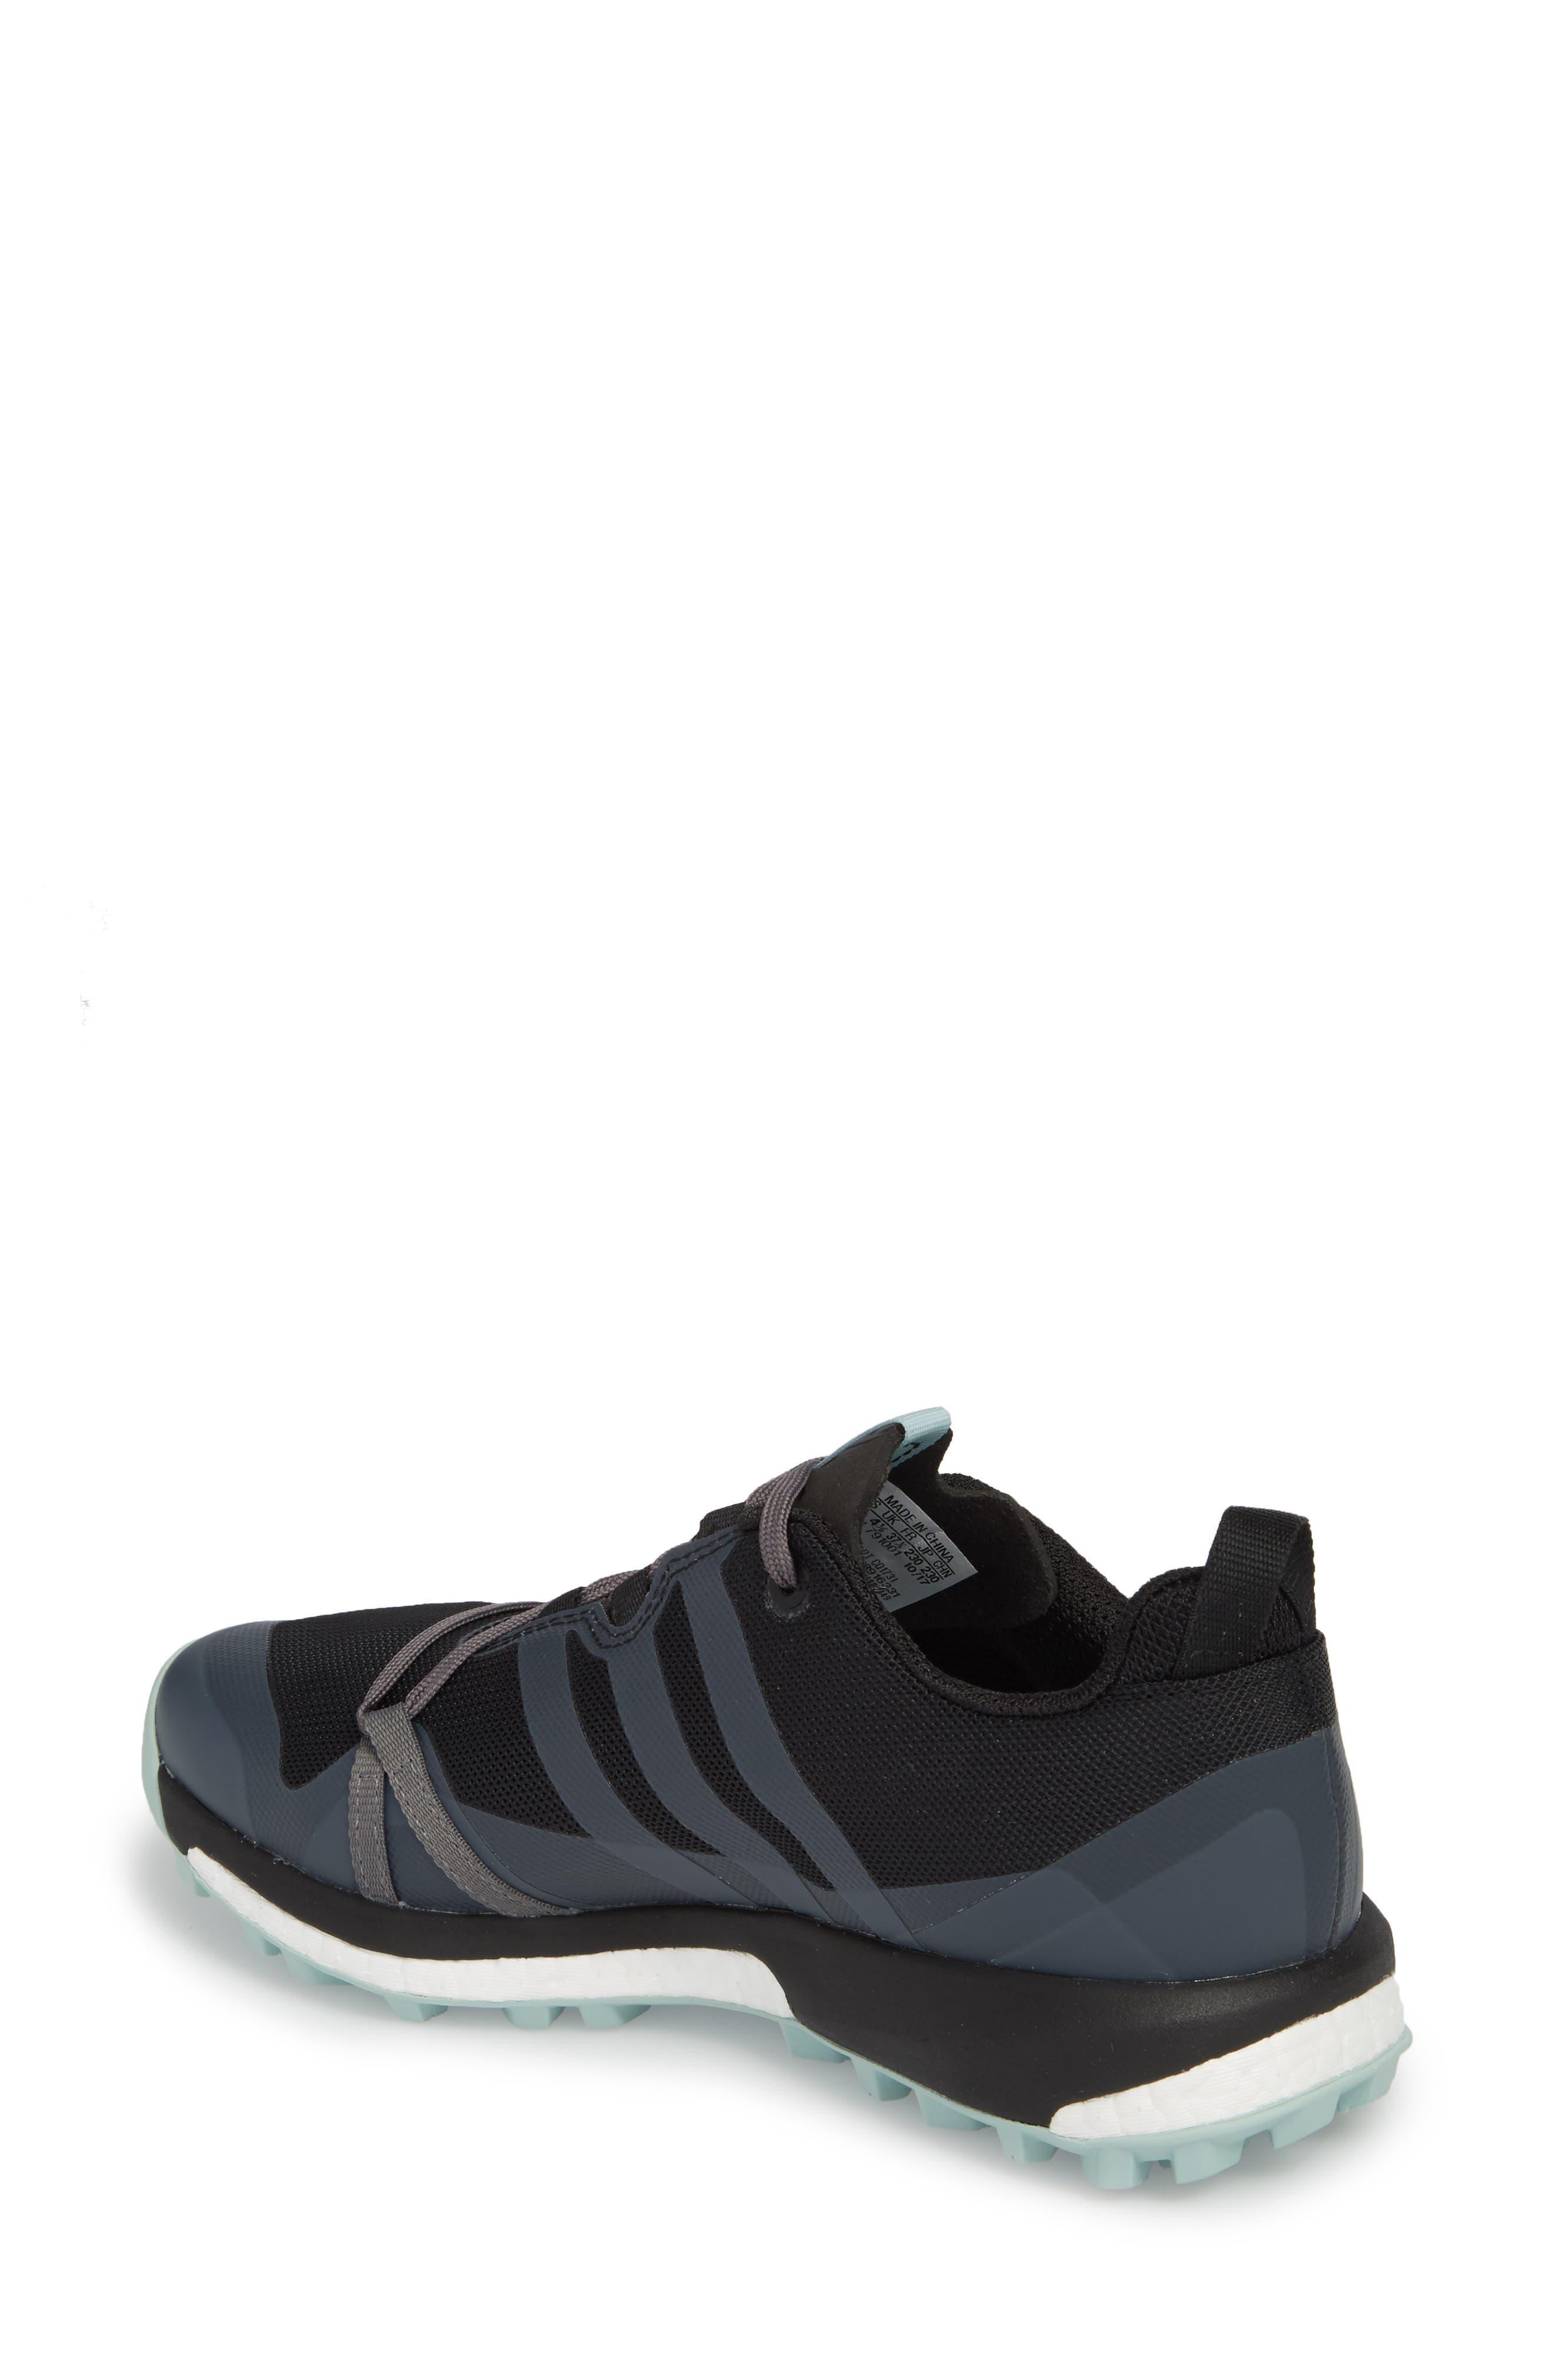 8950ff594b03 Women s Athletic Shoes Sale